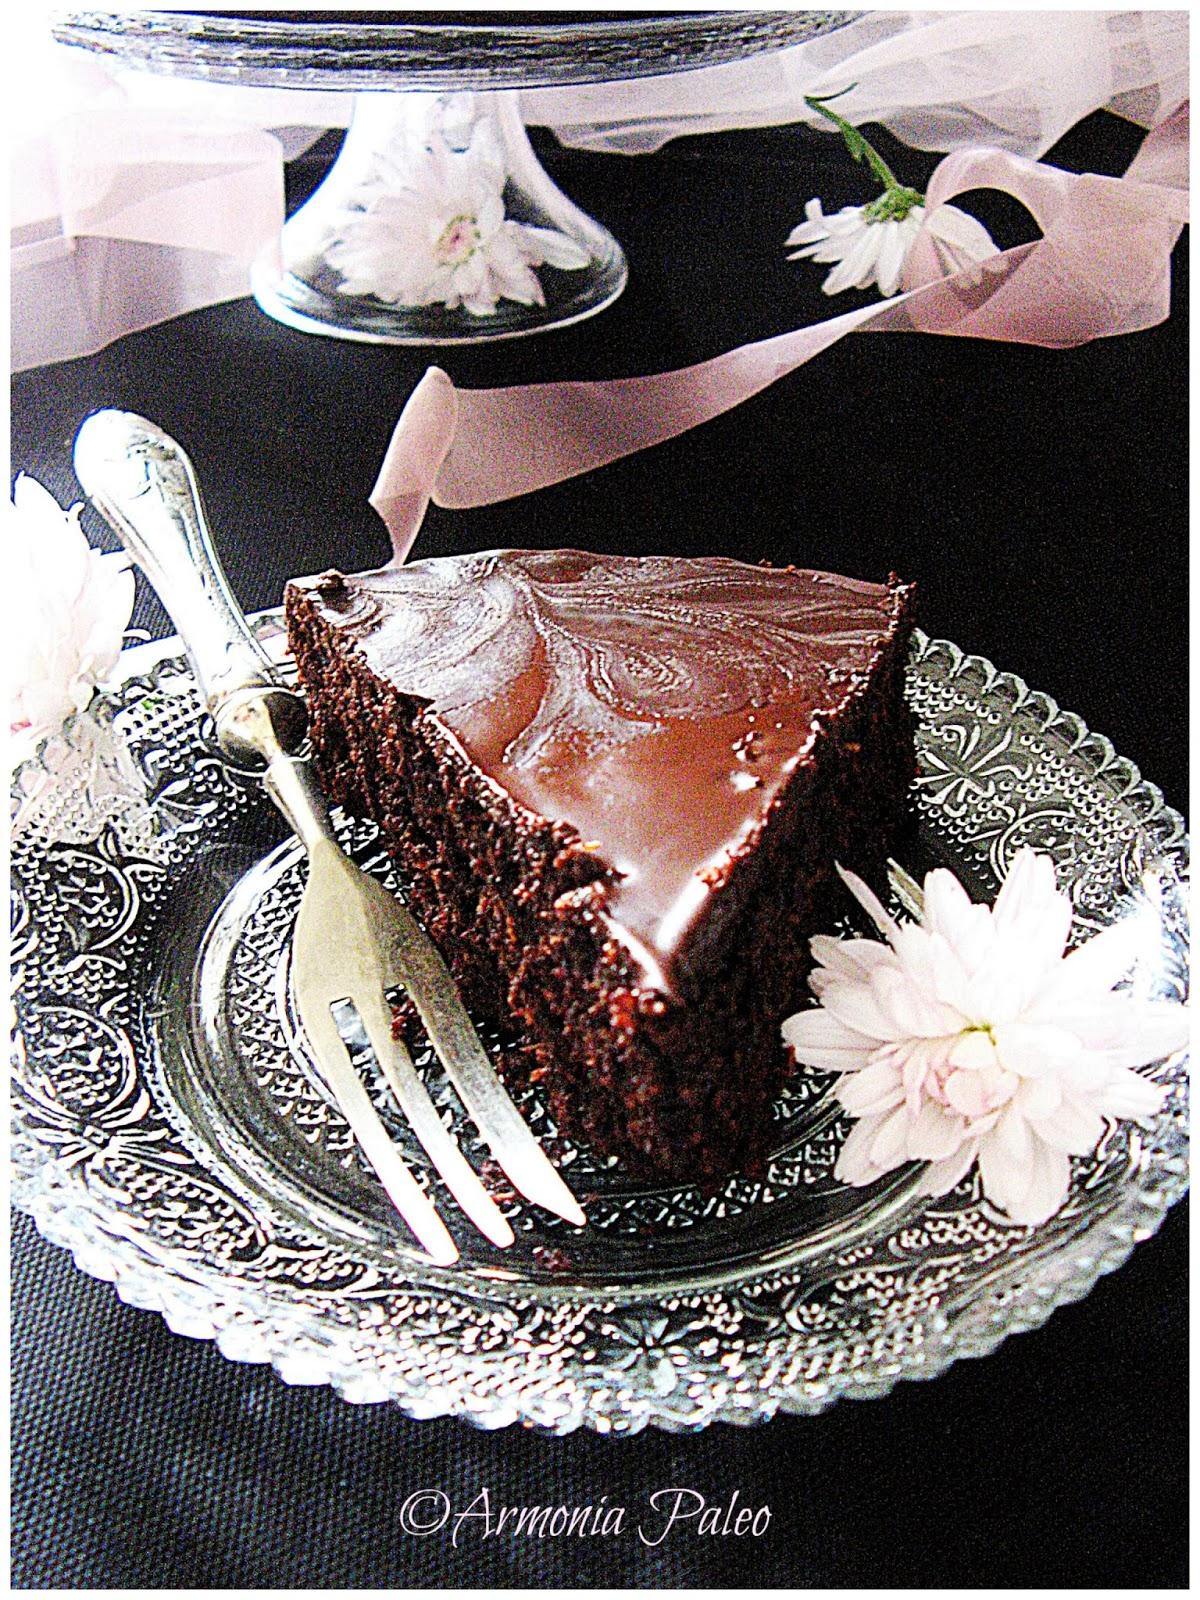 Torta al Cocco e Cioccolato di Armonia Paleo